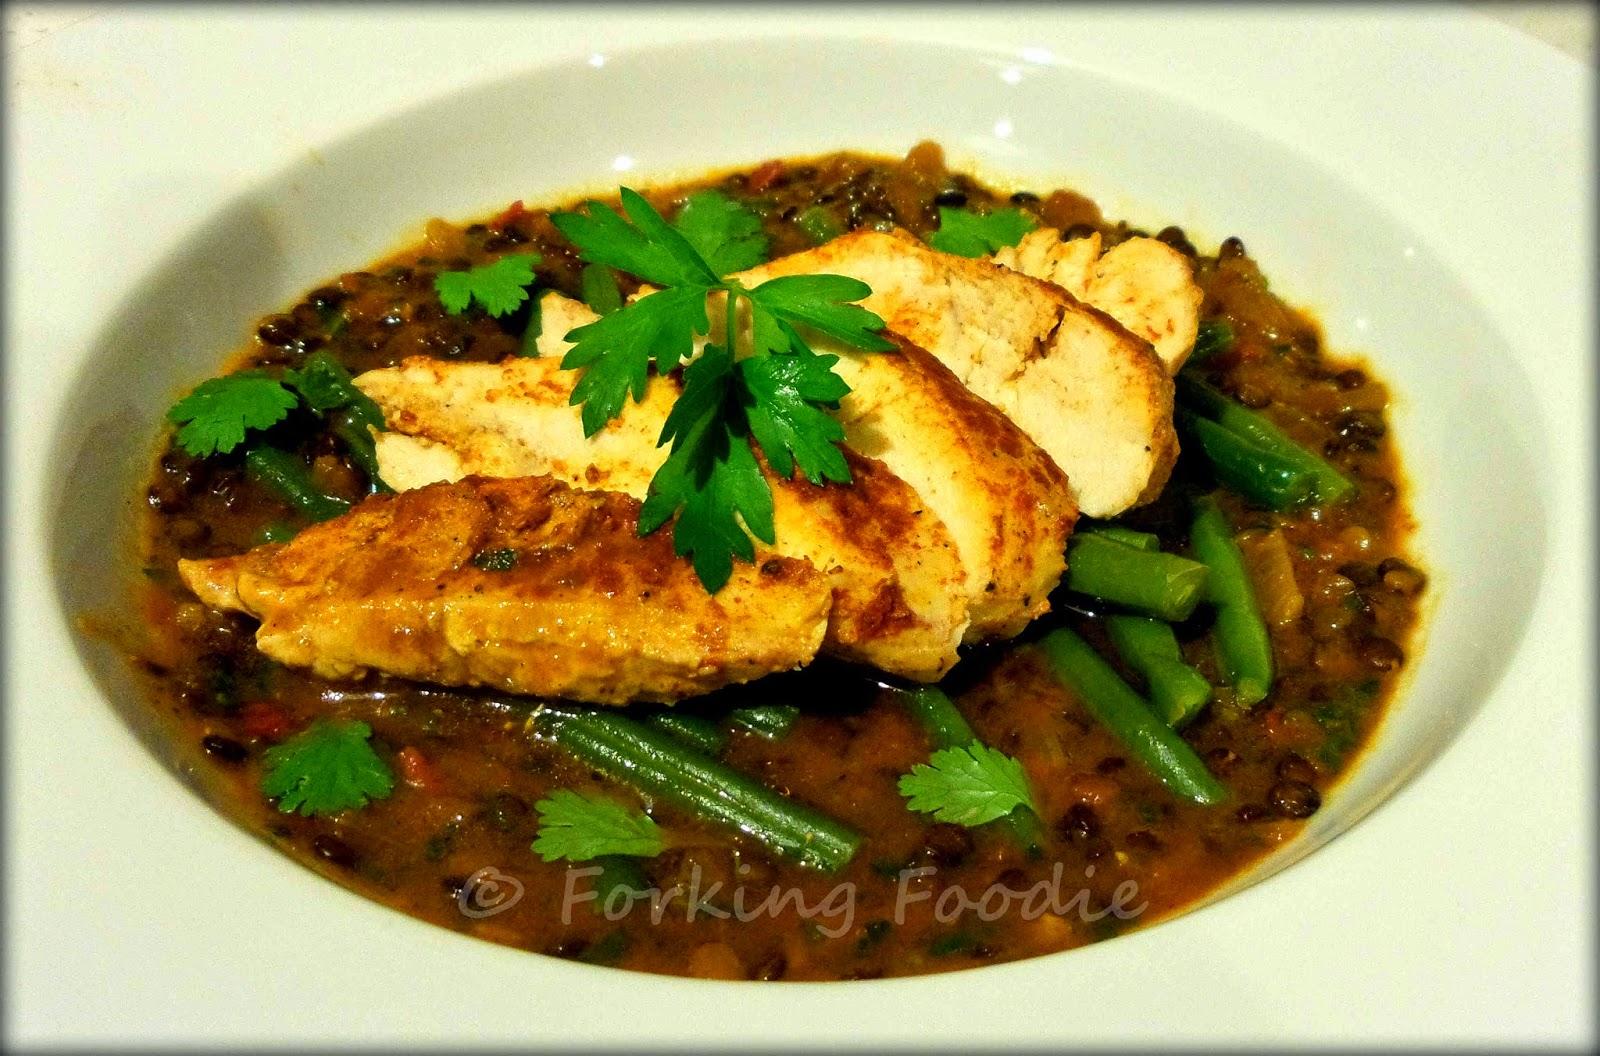 Harissa chicken and lentil stew thermomix